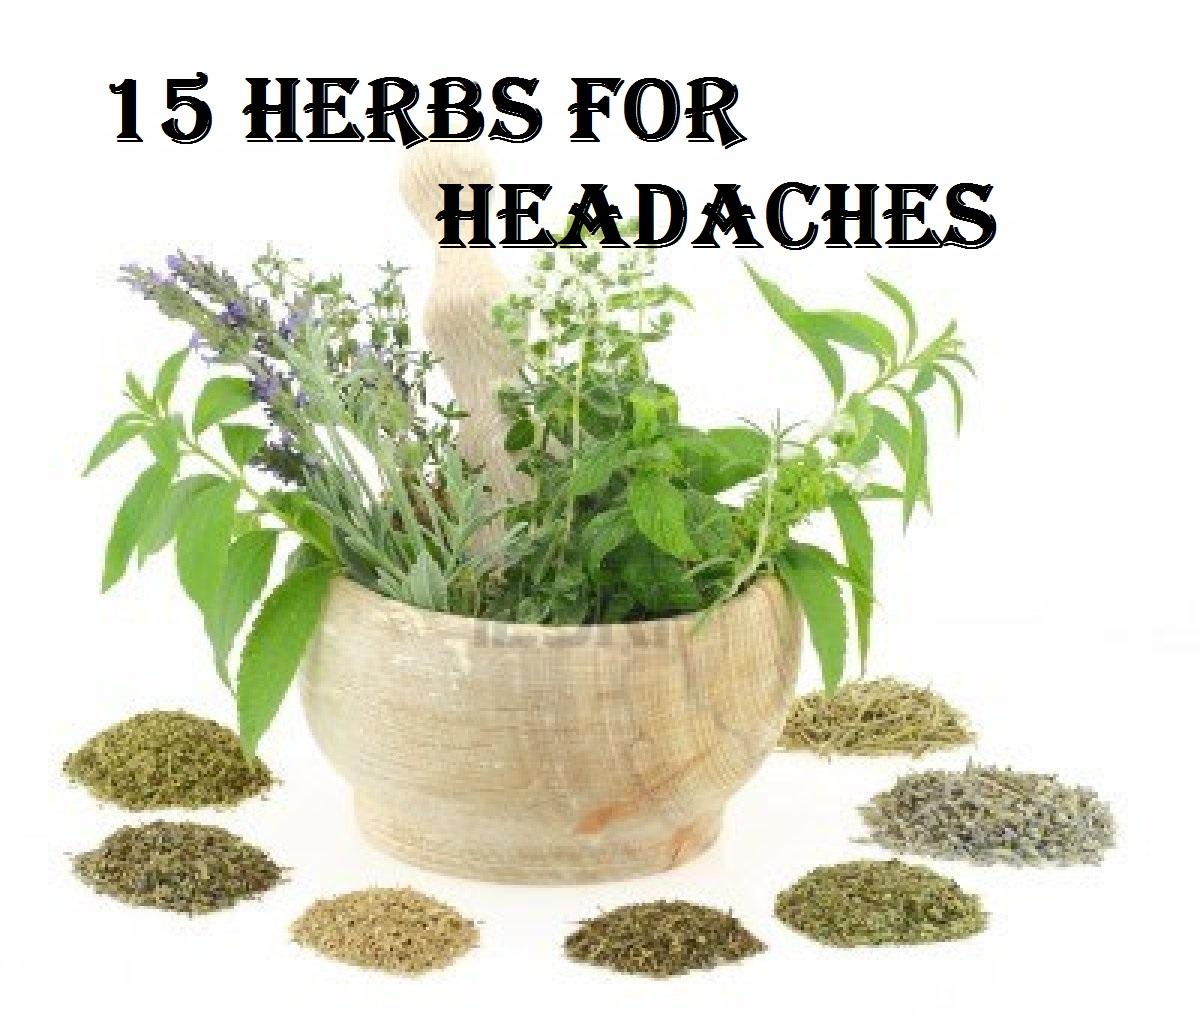 headachepic